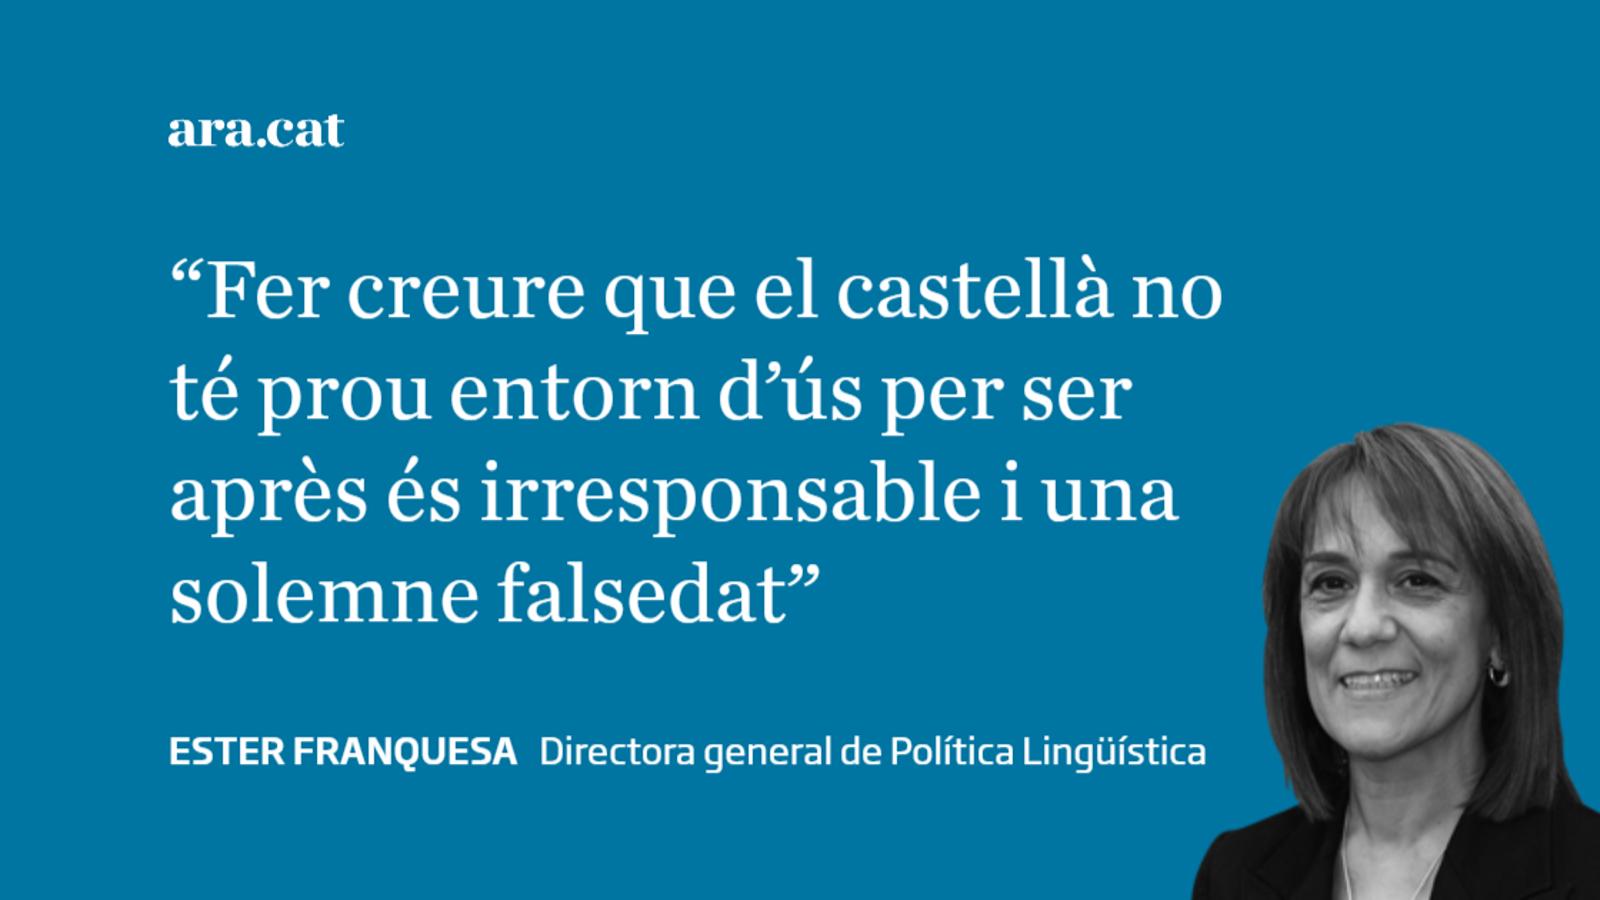 El perill de la cançó de l'enfadós amb les llengües a Catalunya